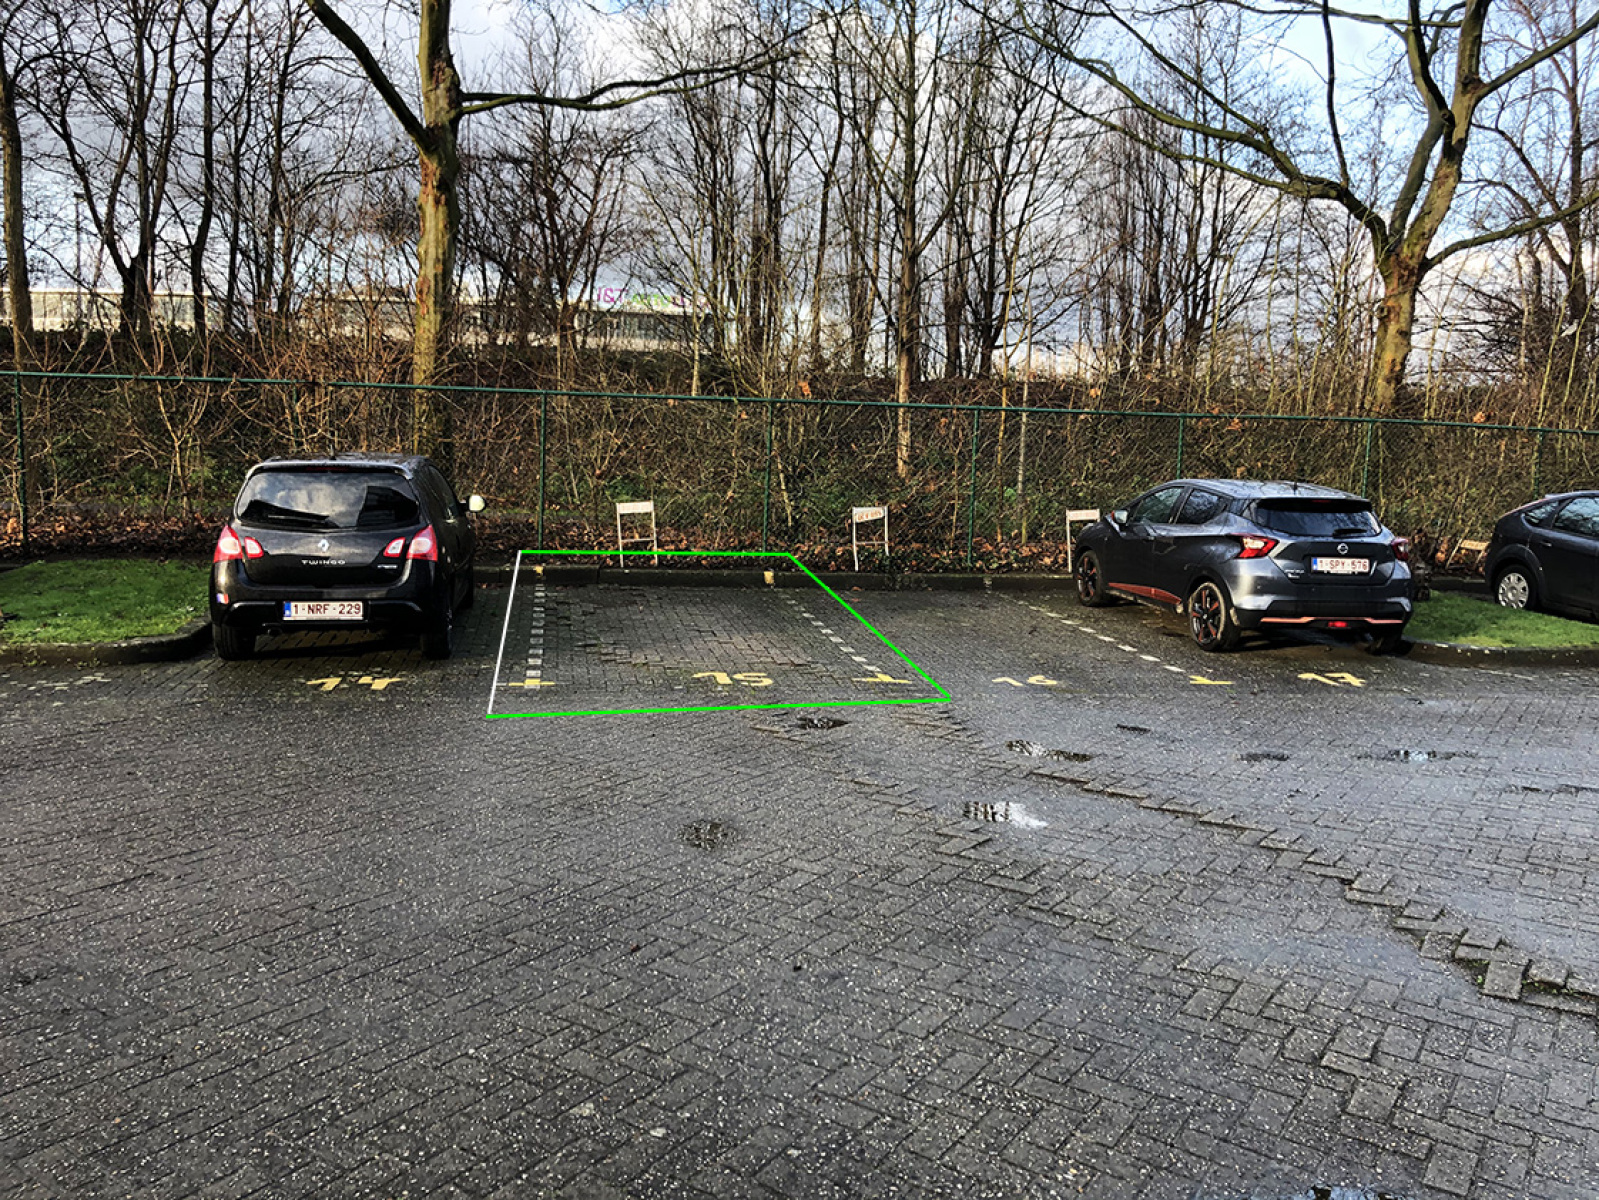 Buitenautostaanplaats te koop centraal gelegen op de grens van Borgerhout en Deurne! afbeelding 1